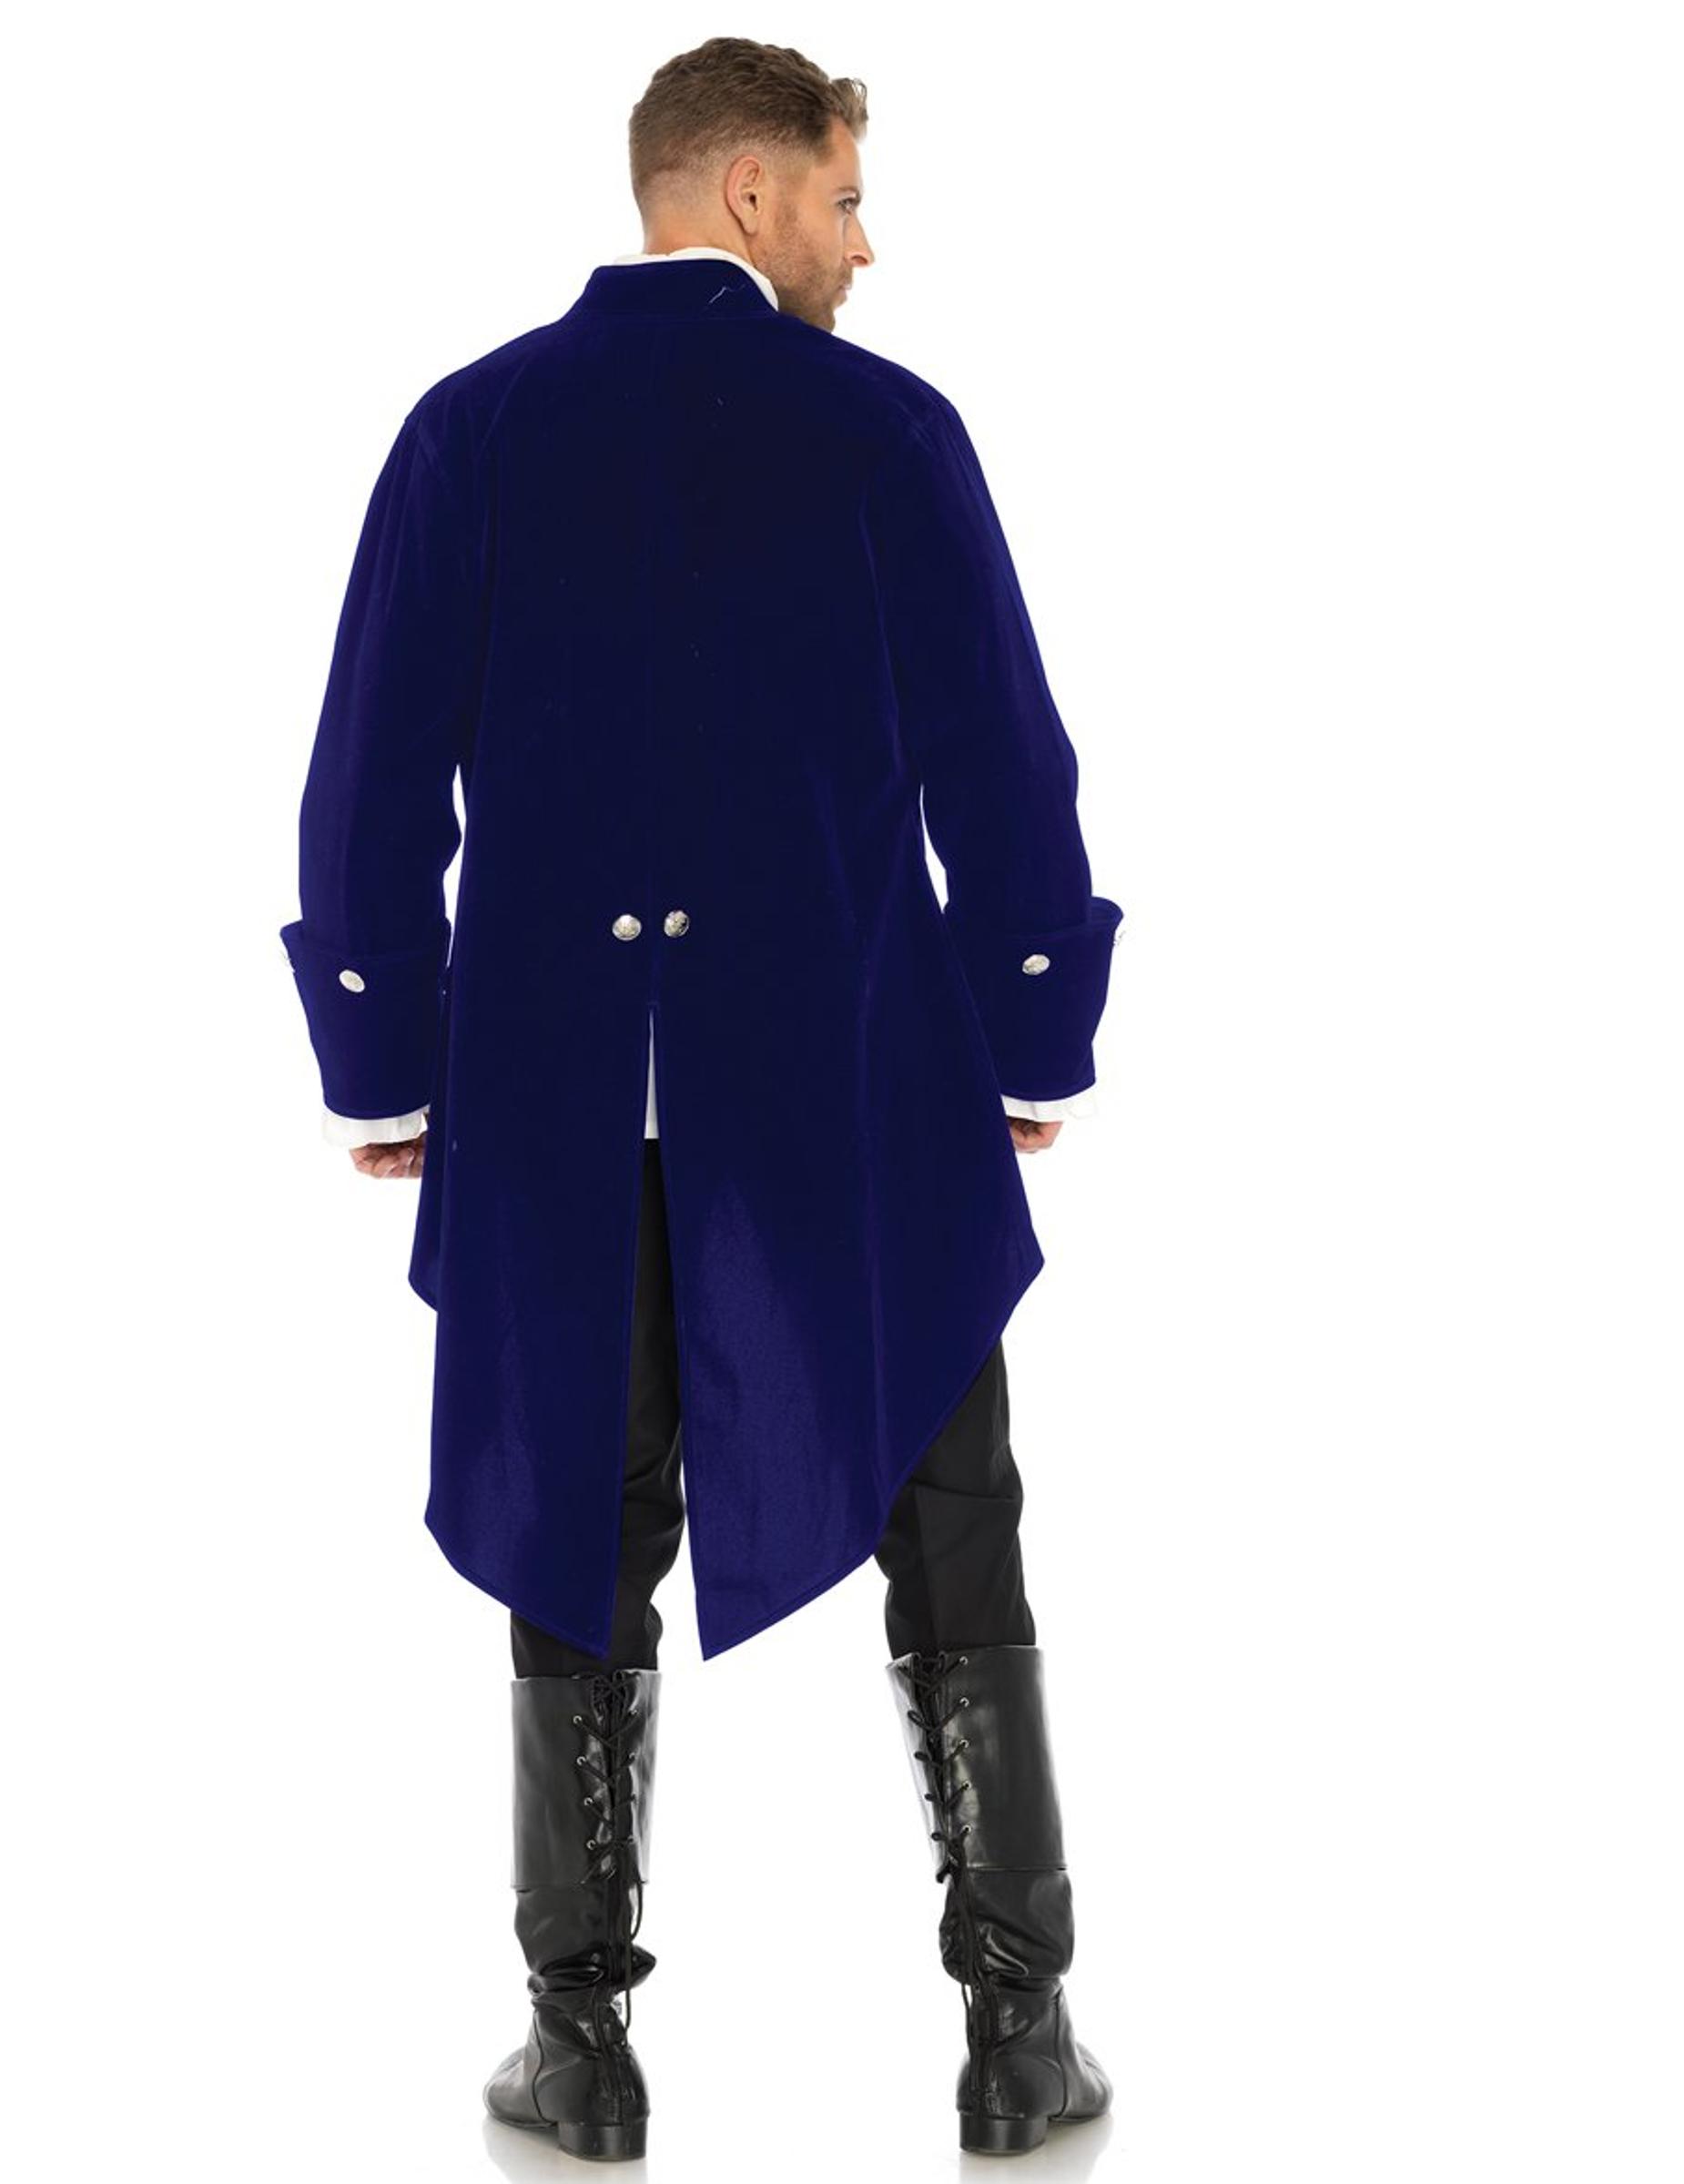 low priced 29907 47bf7 deguisement-veste-de-la-bete-luxe-homme 307066 1.jpg